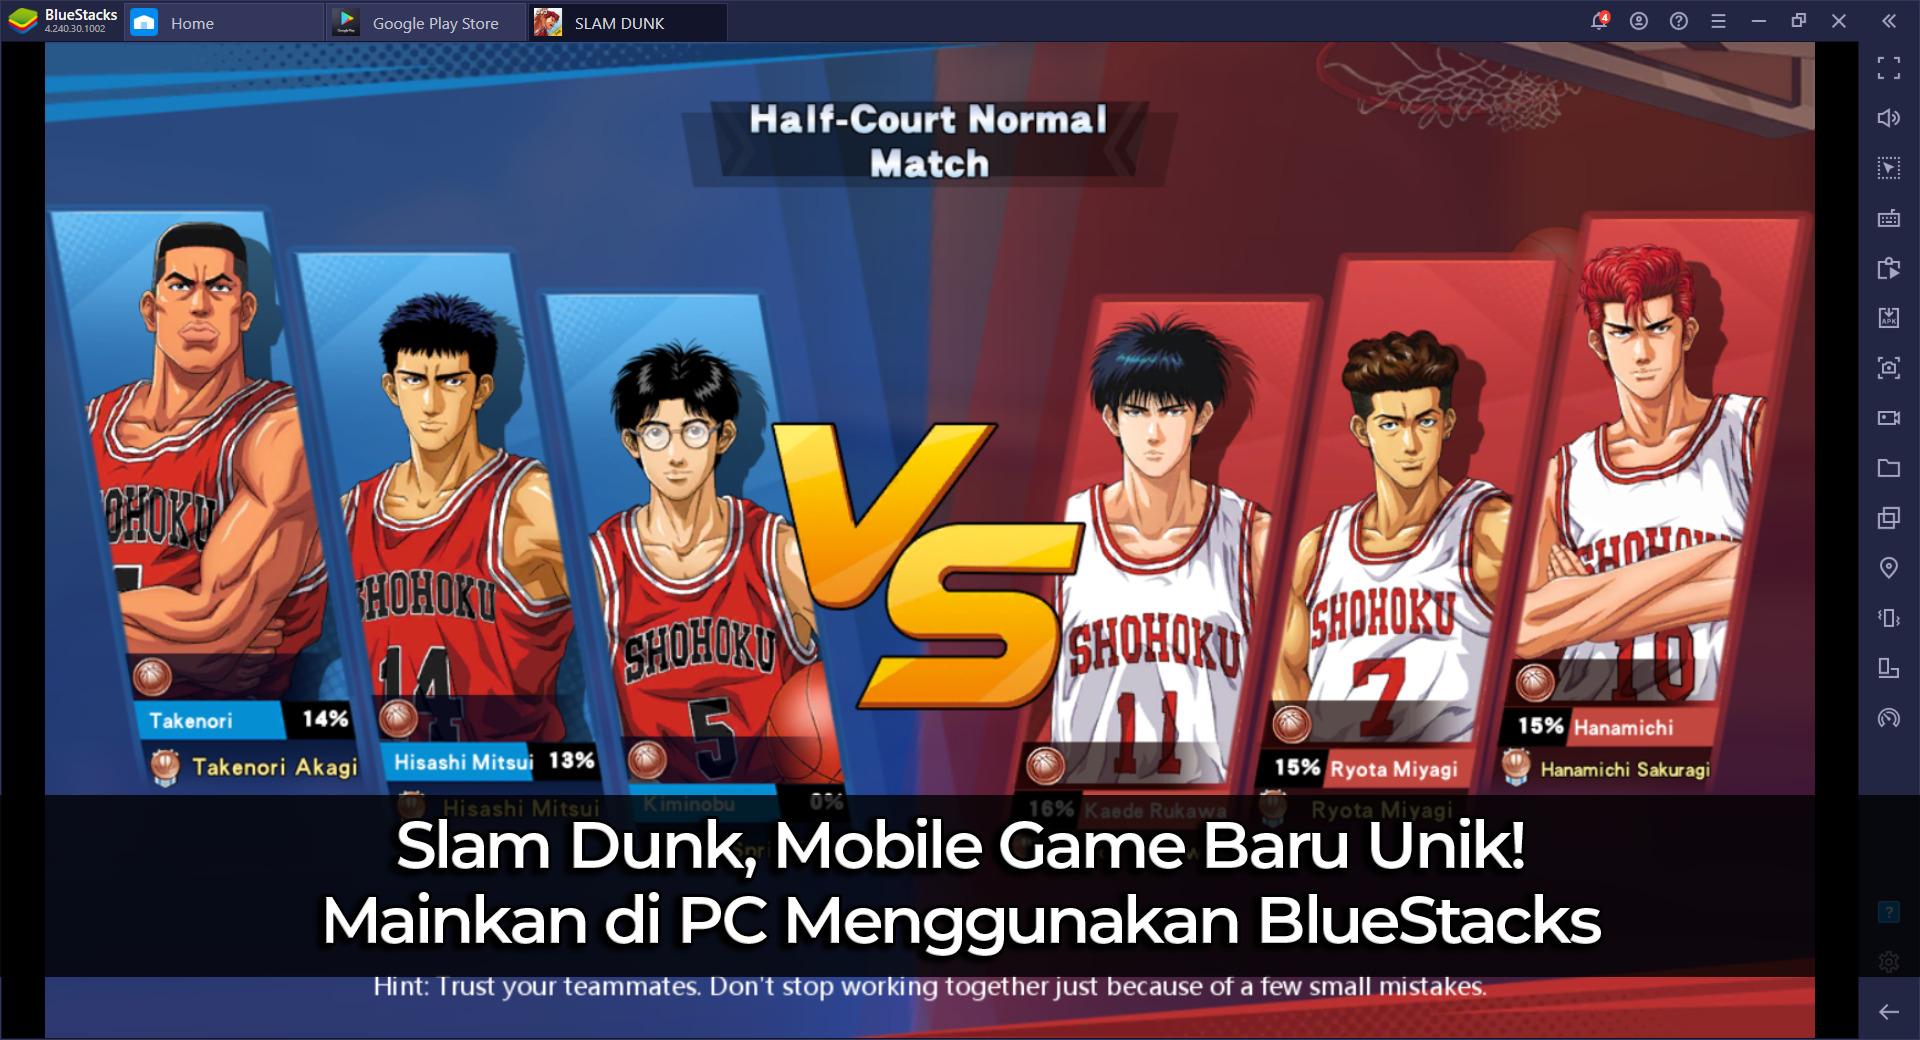 Slam Dunk, Mobile Game Baru Unik! Mainkan di PC Menggunakan BlueStacks